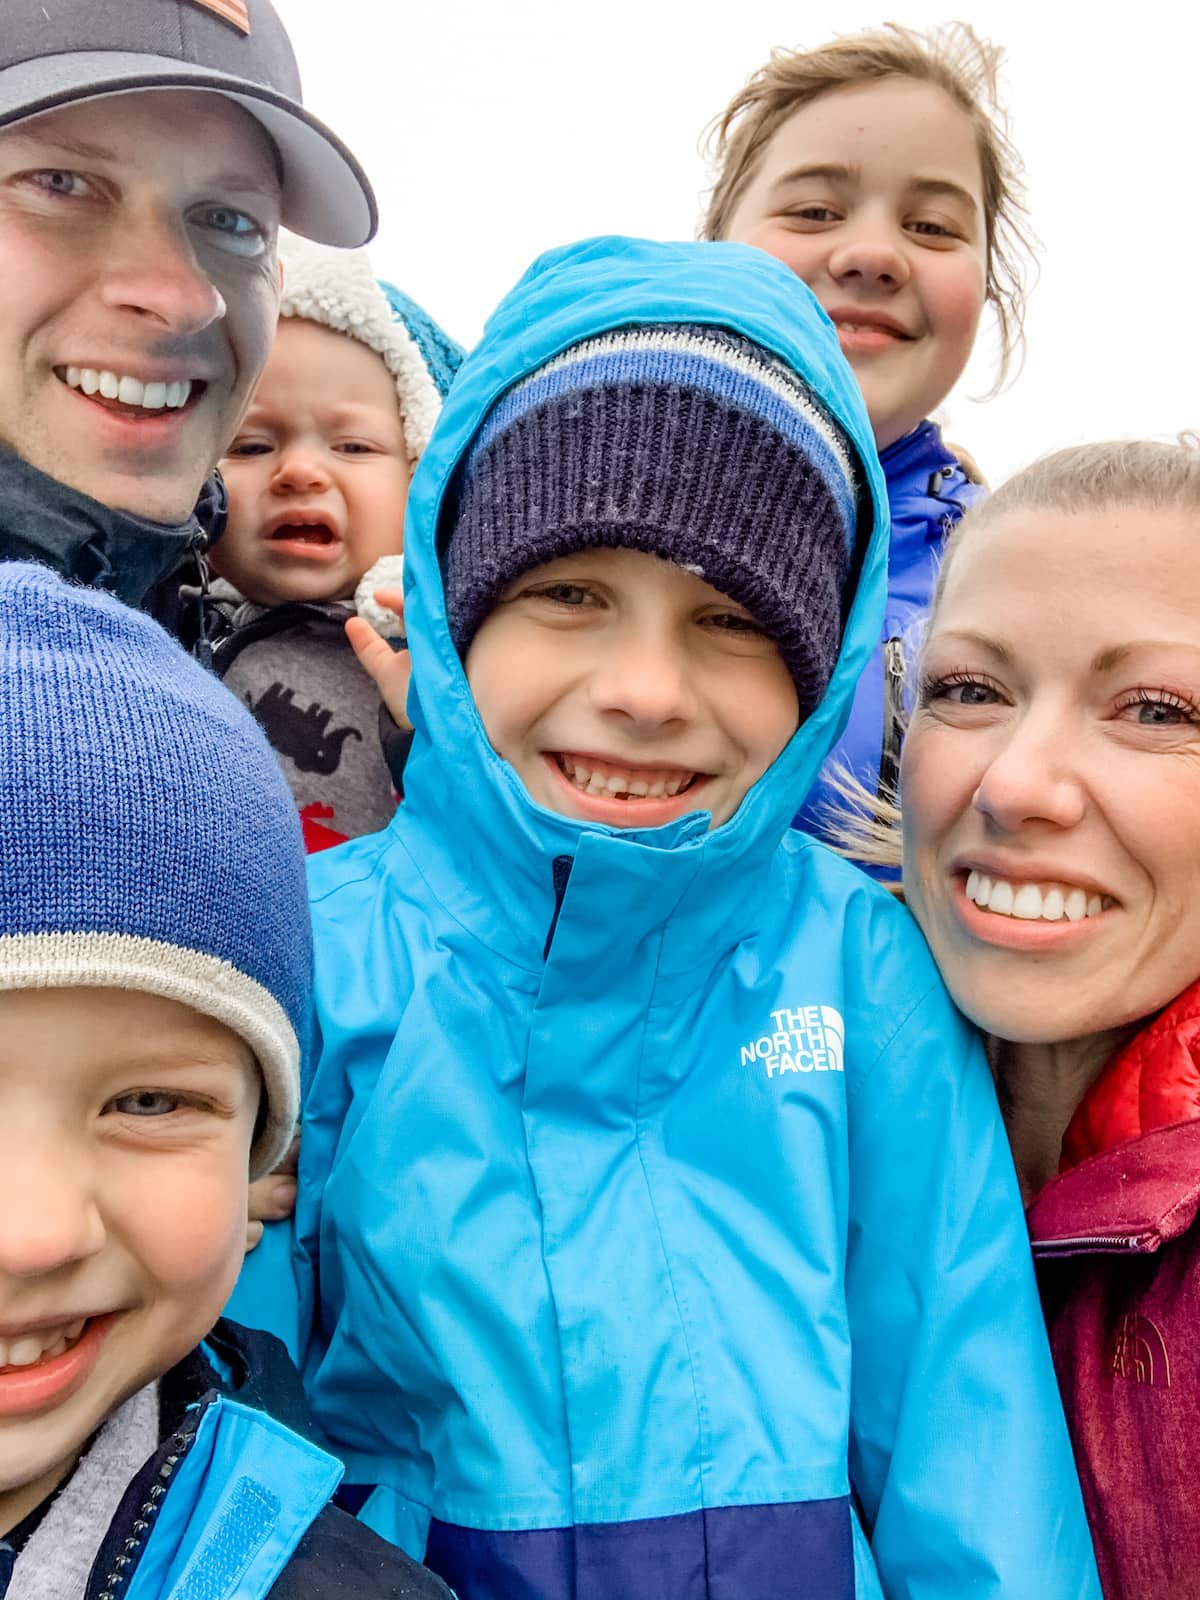 family in a selfie